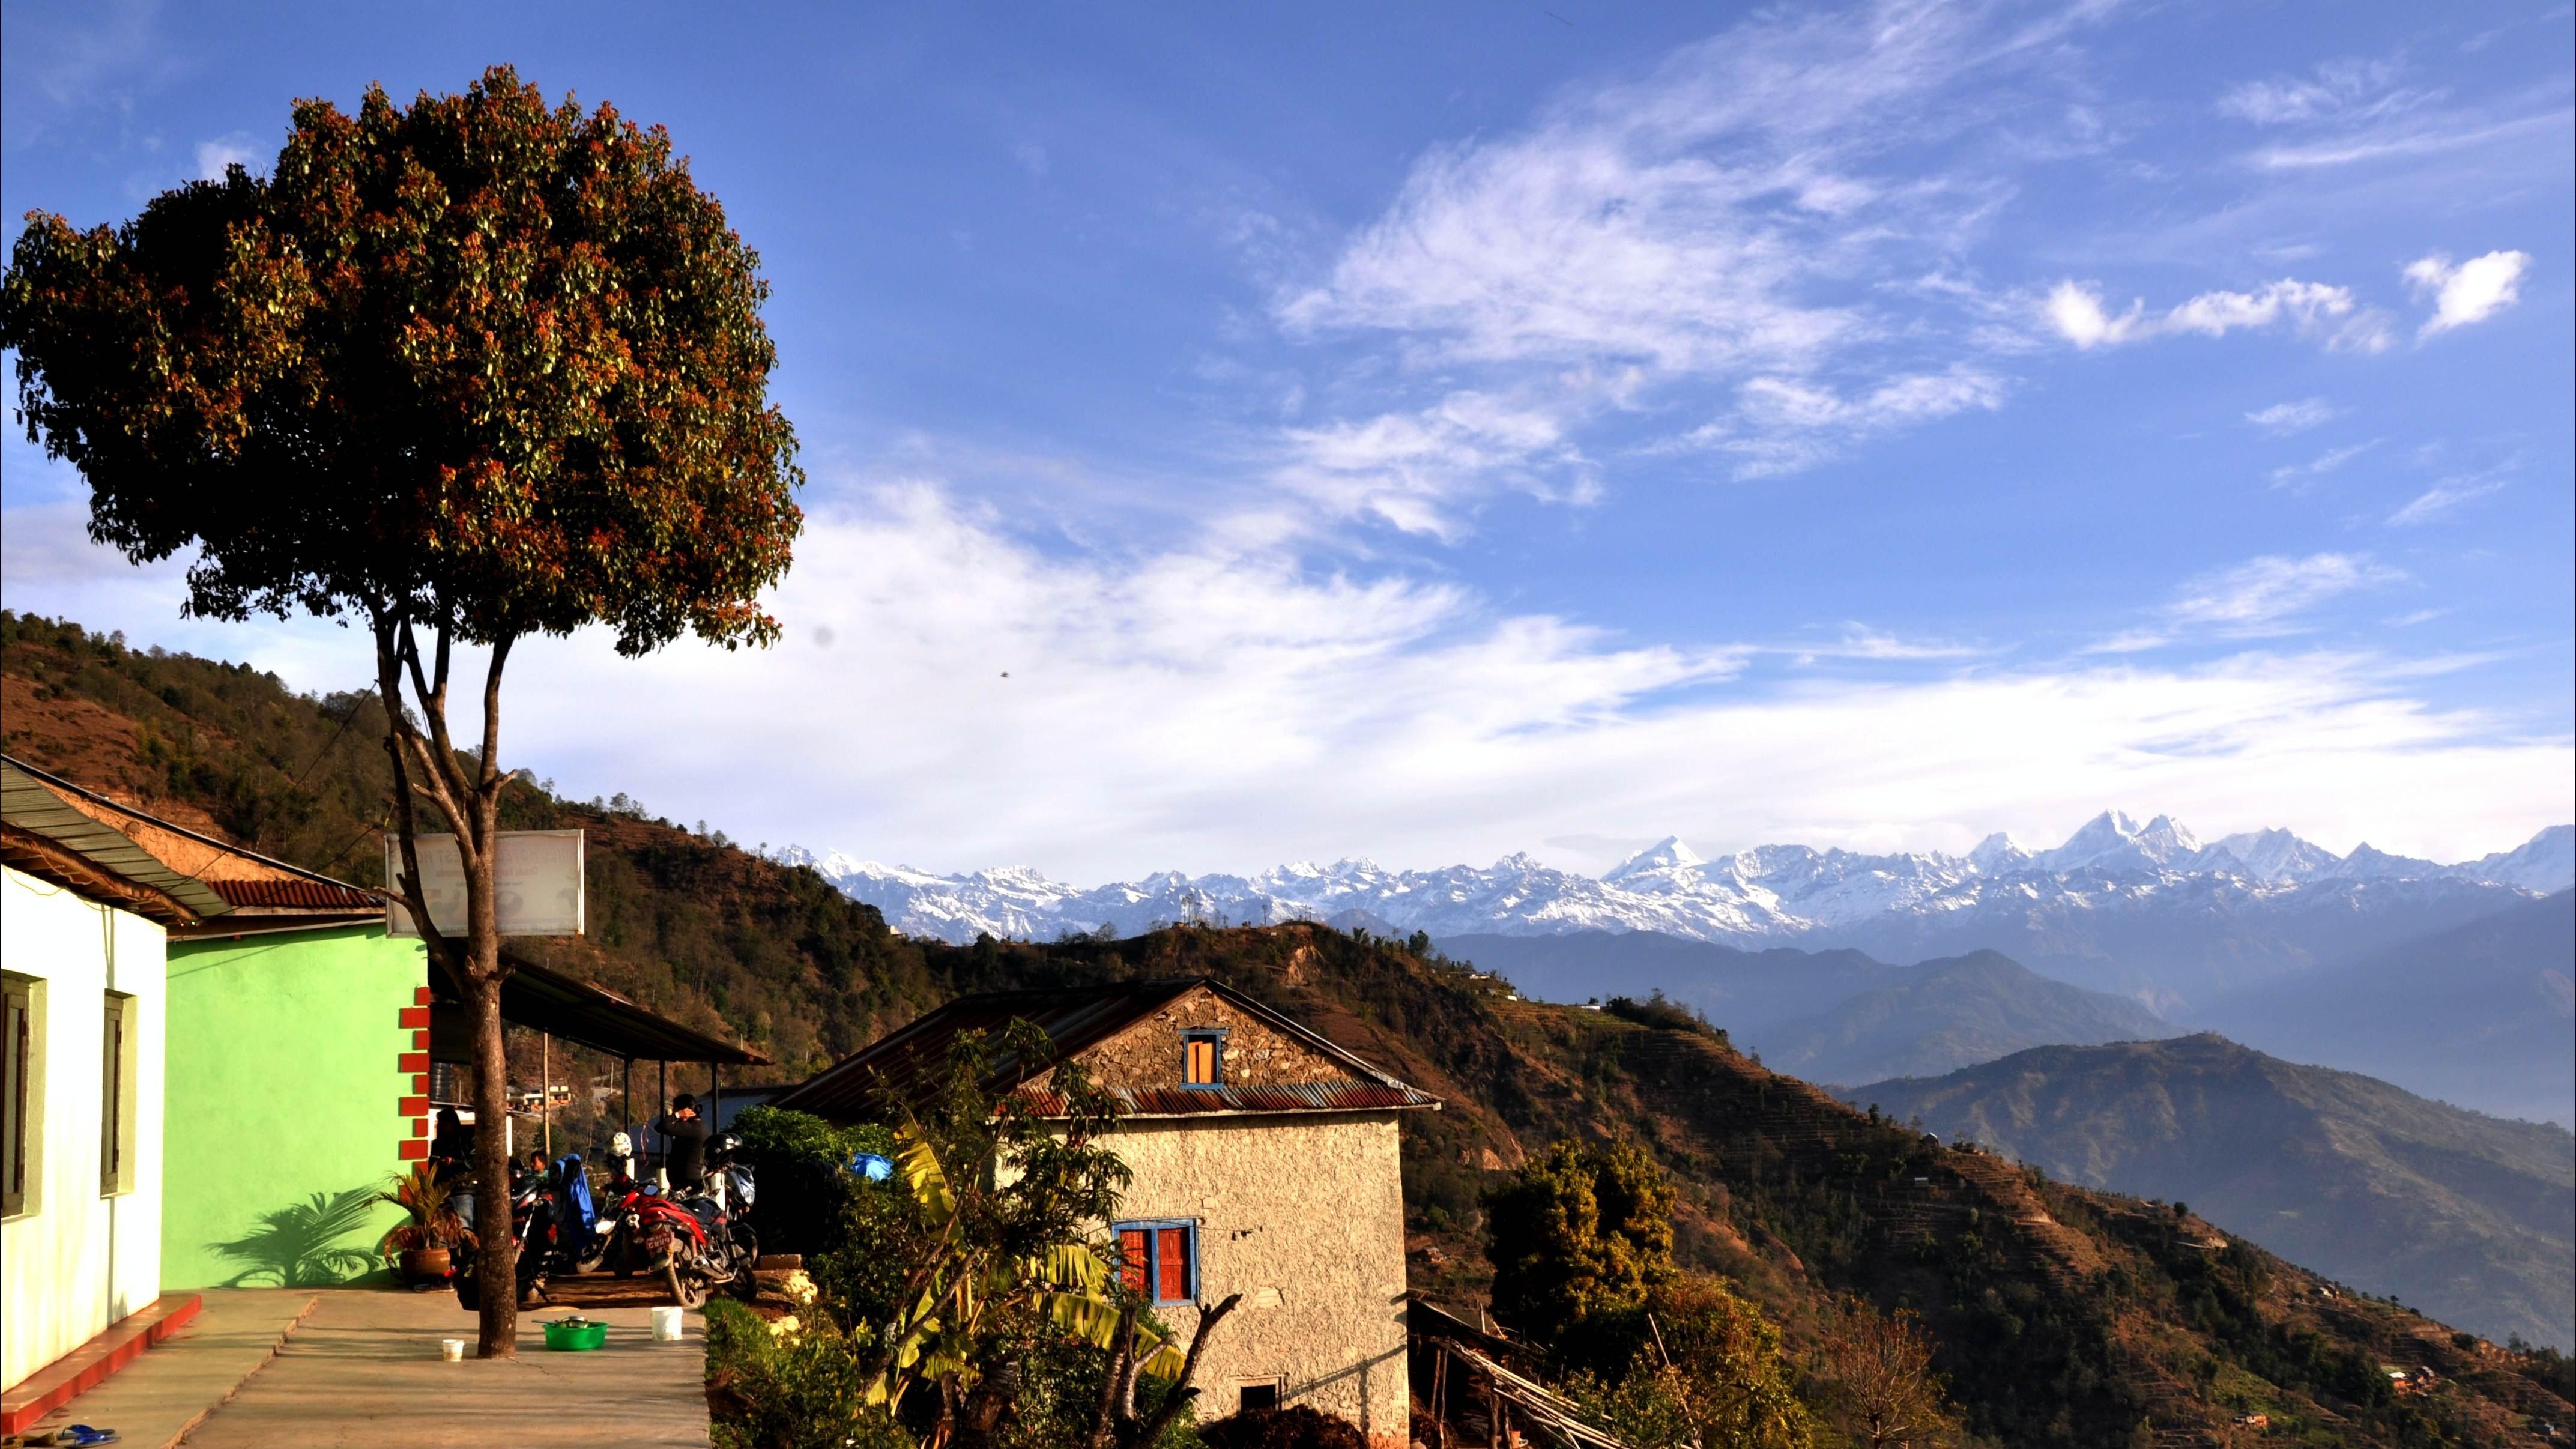 Camping near kathmandu